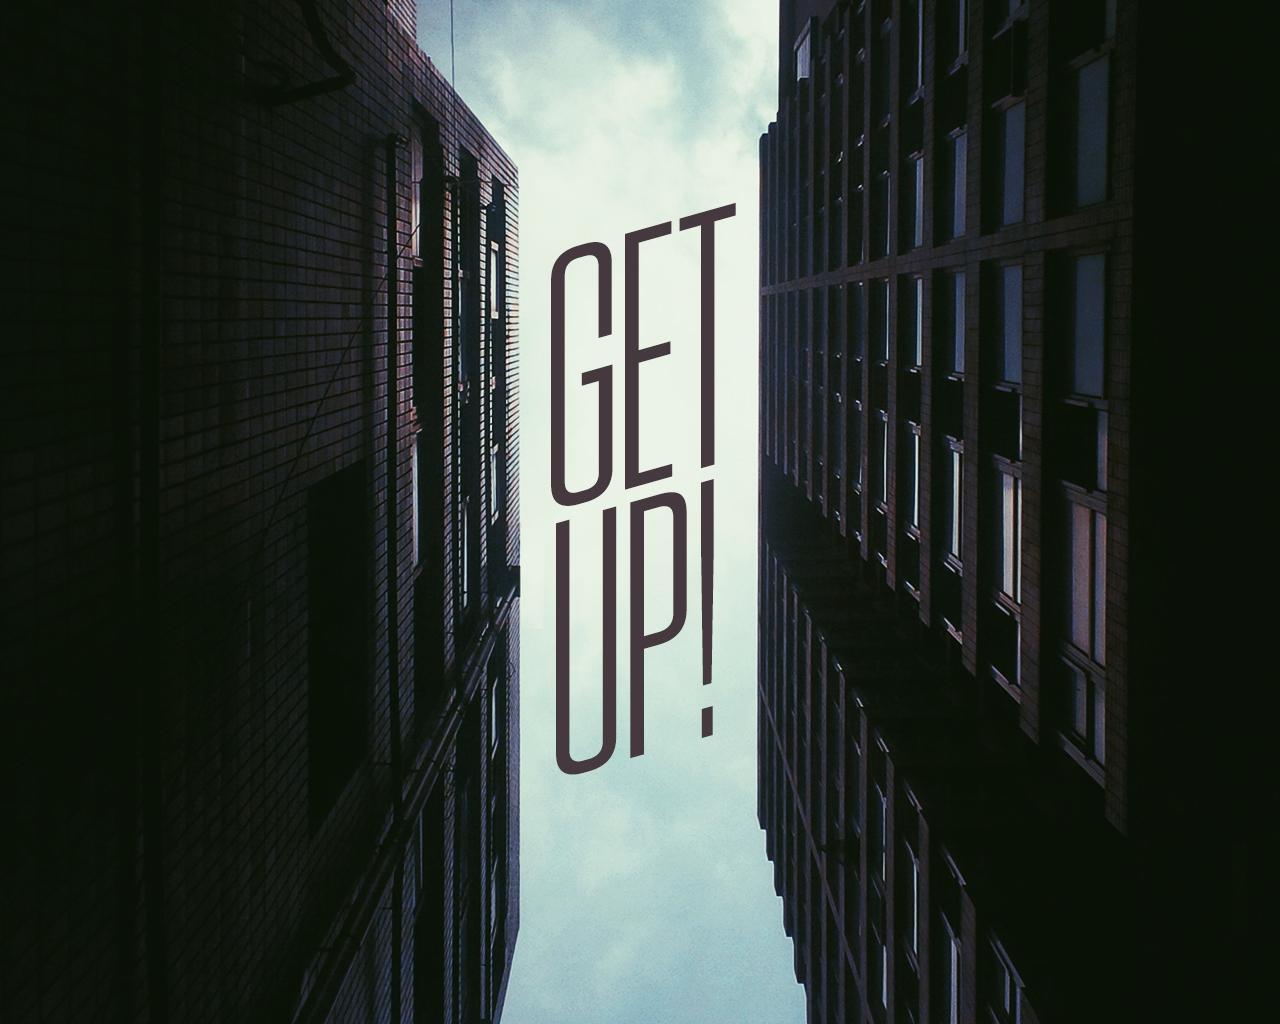 GetUp.jpg